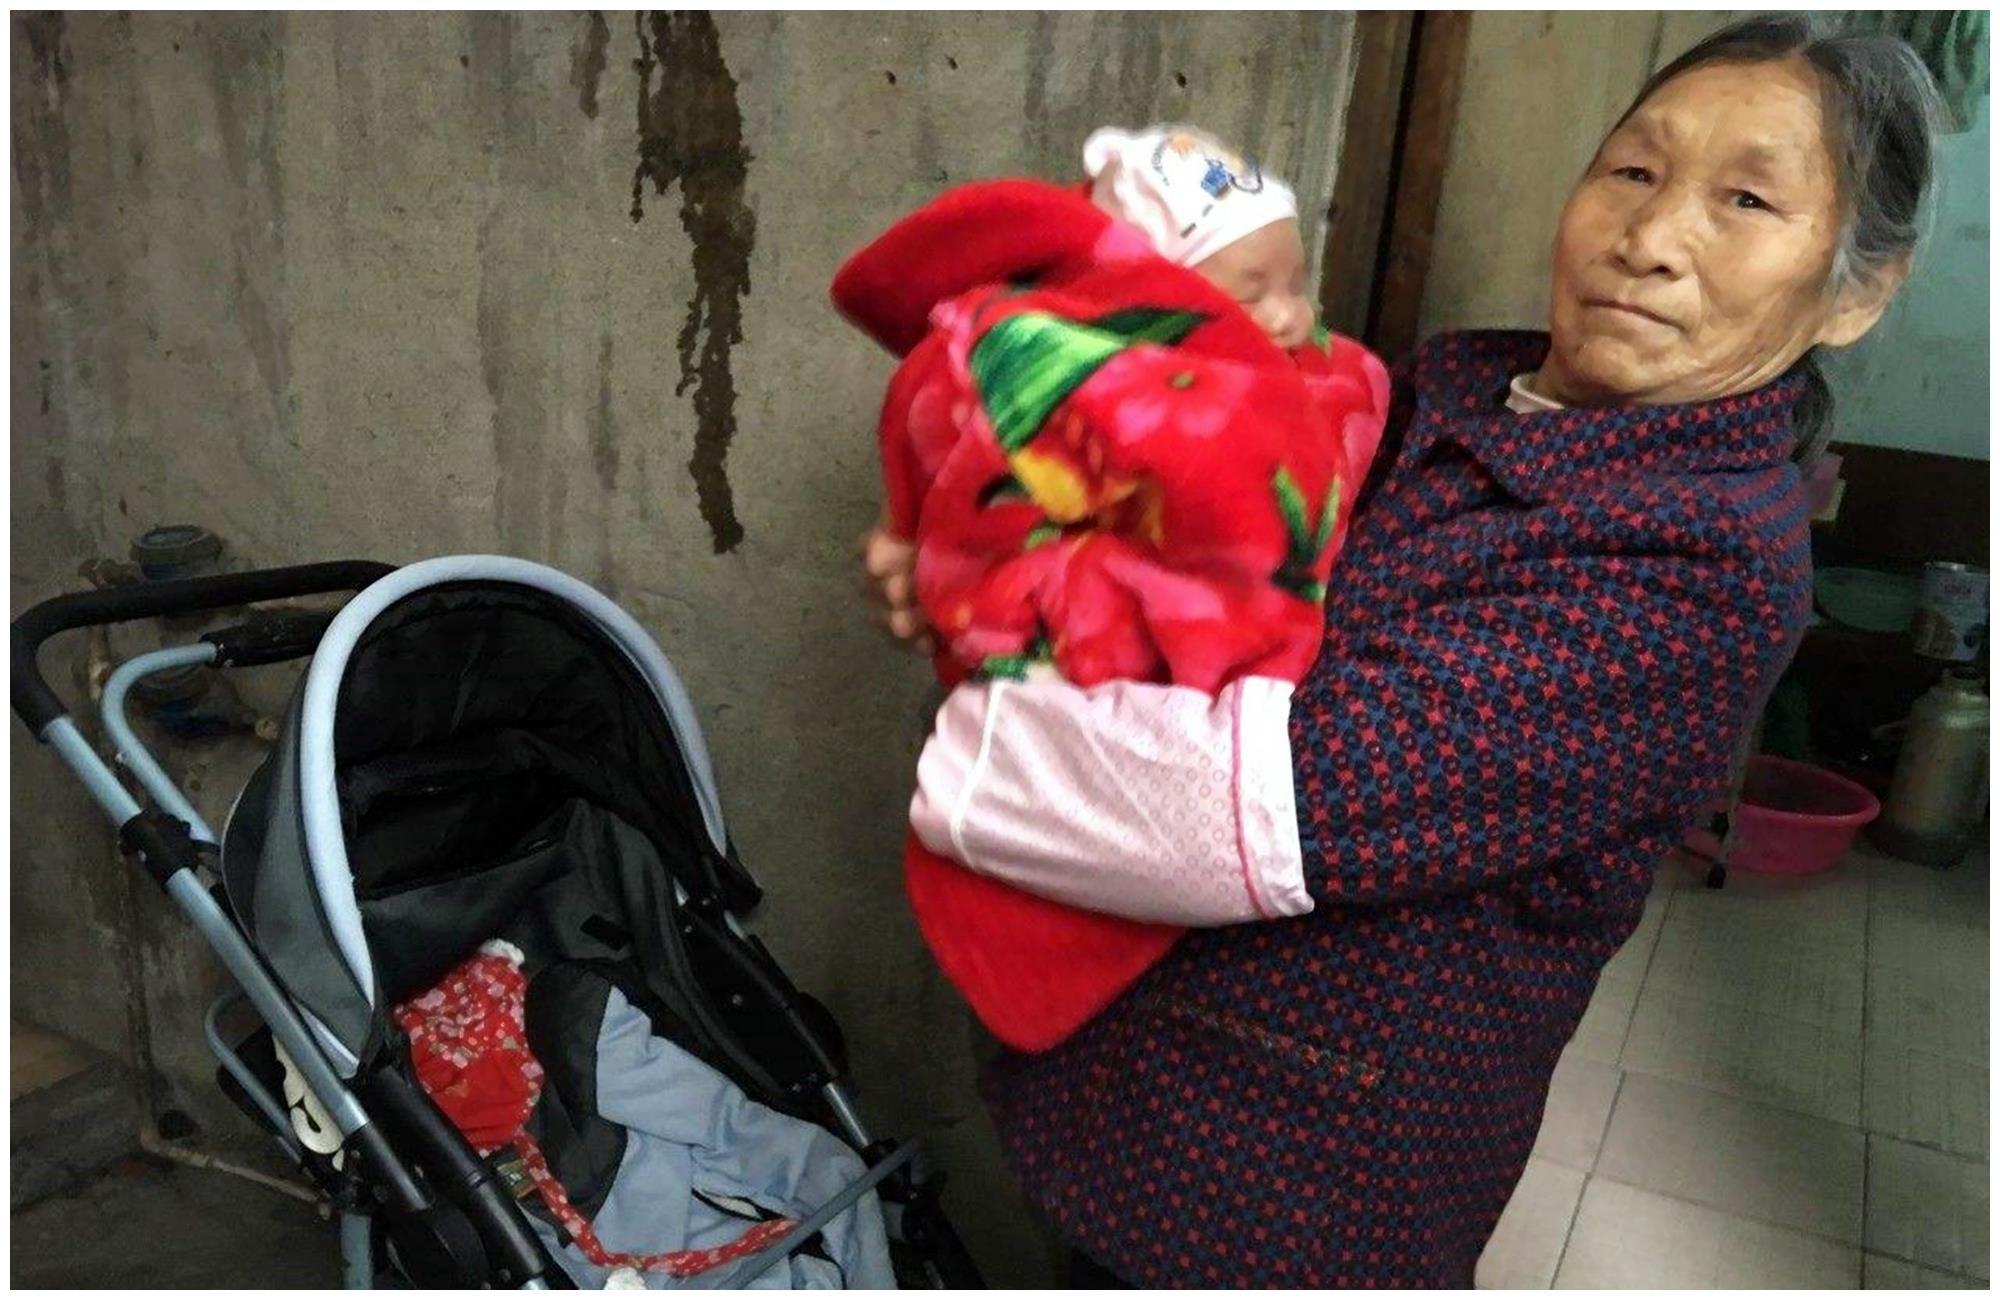 同样外出遛娃,49岁二胎妈妈和49岁奶奶差距明显,现状倍感心酸